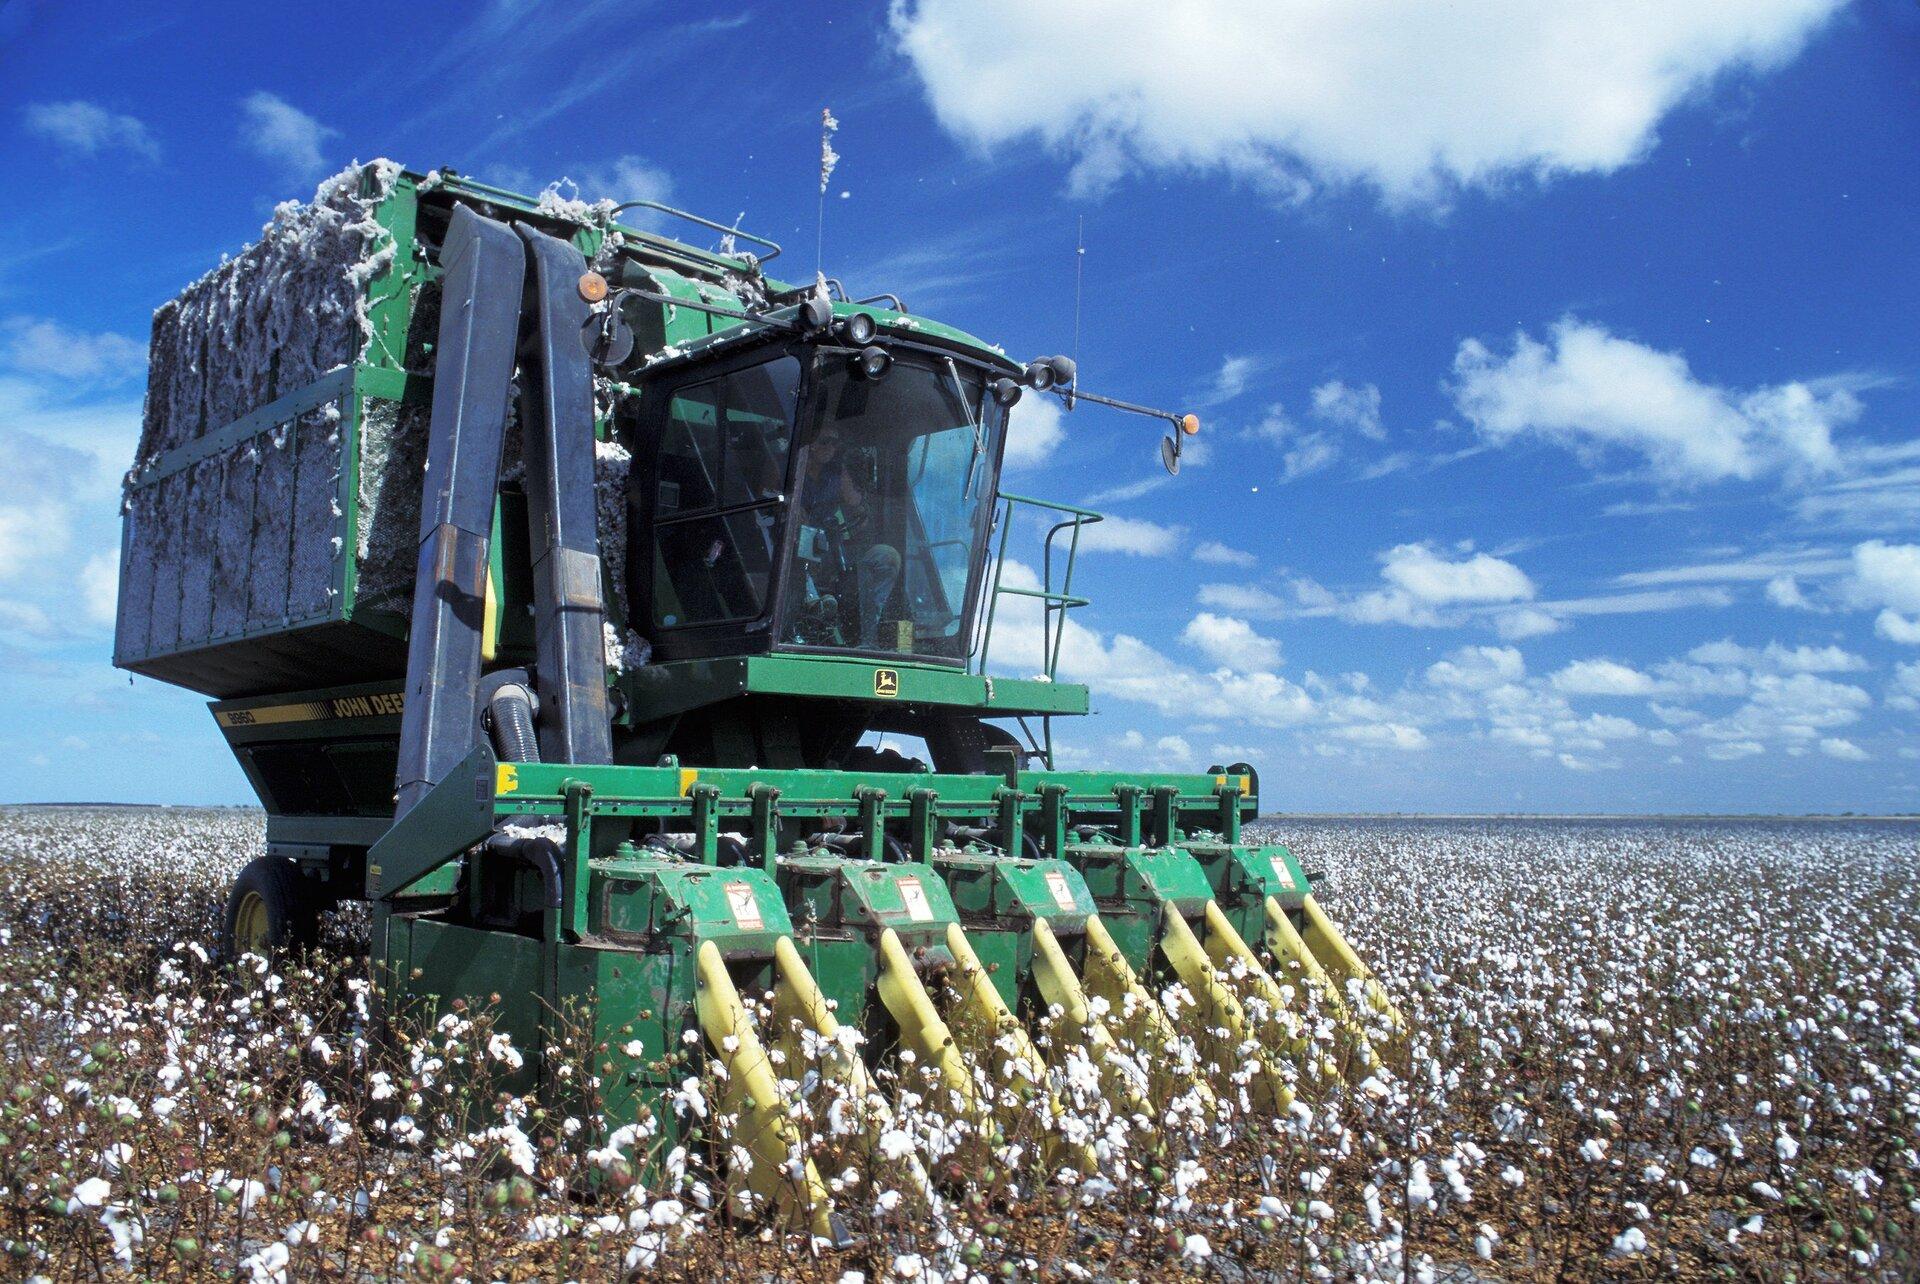 Na ilustracji maszyna do zbioru bawełny. Zprzodku dziesięć ramion do usuwania włókna, ztyłu duży pojemnik na zebrane włókno. Maszyna jedzie po polu bawełny. Plantacja bawełny wypełnia całe zdjęcie.